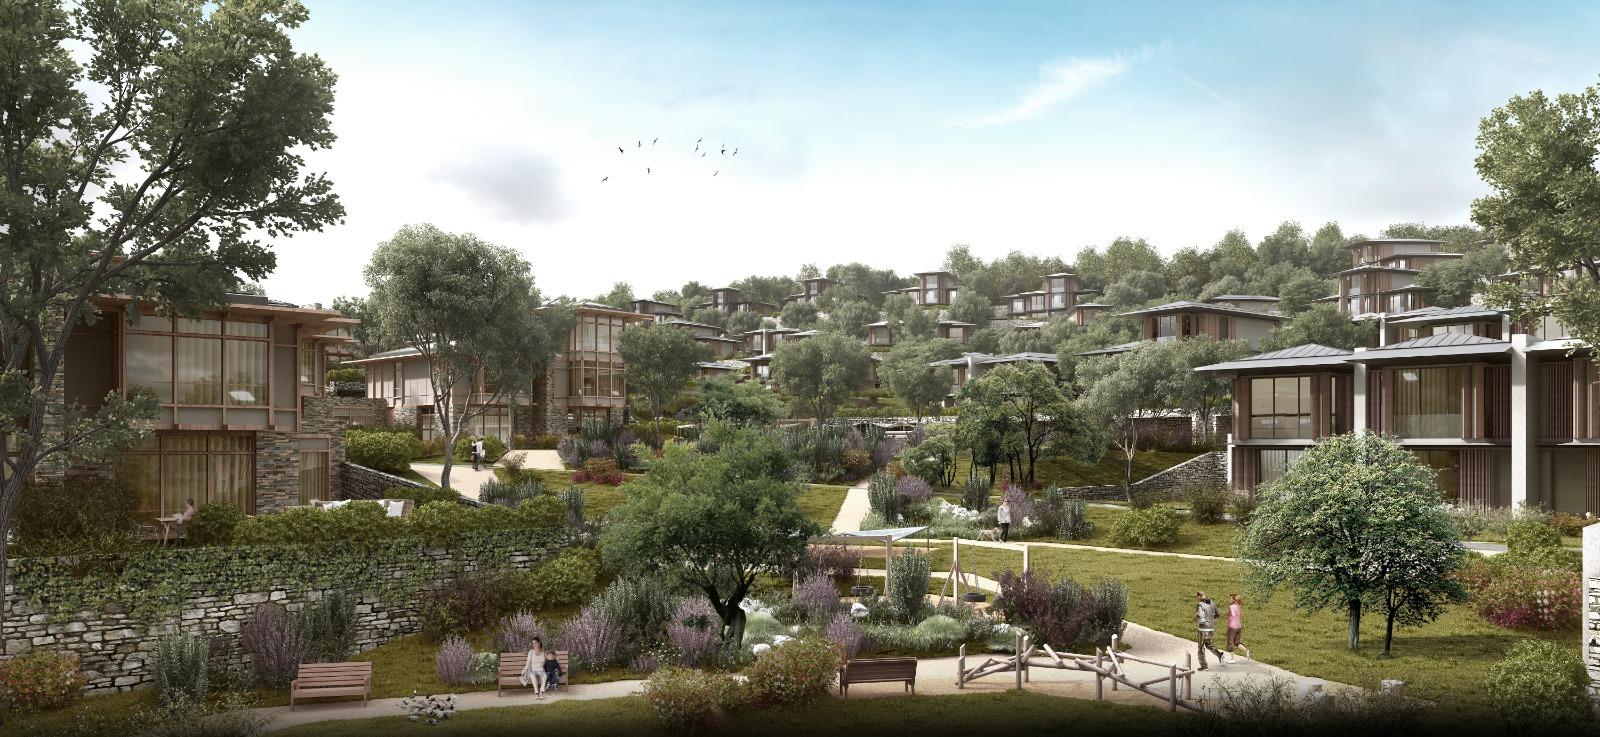 Эксклюзивный проект-комплекс вилл в Бейкоз - Фото 20